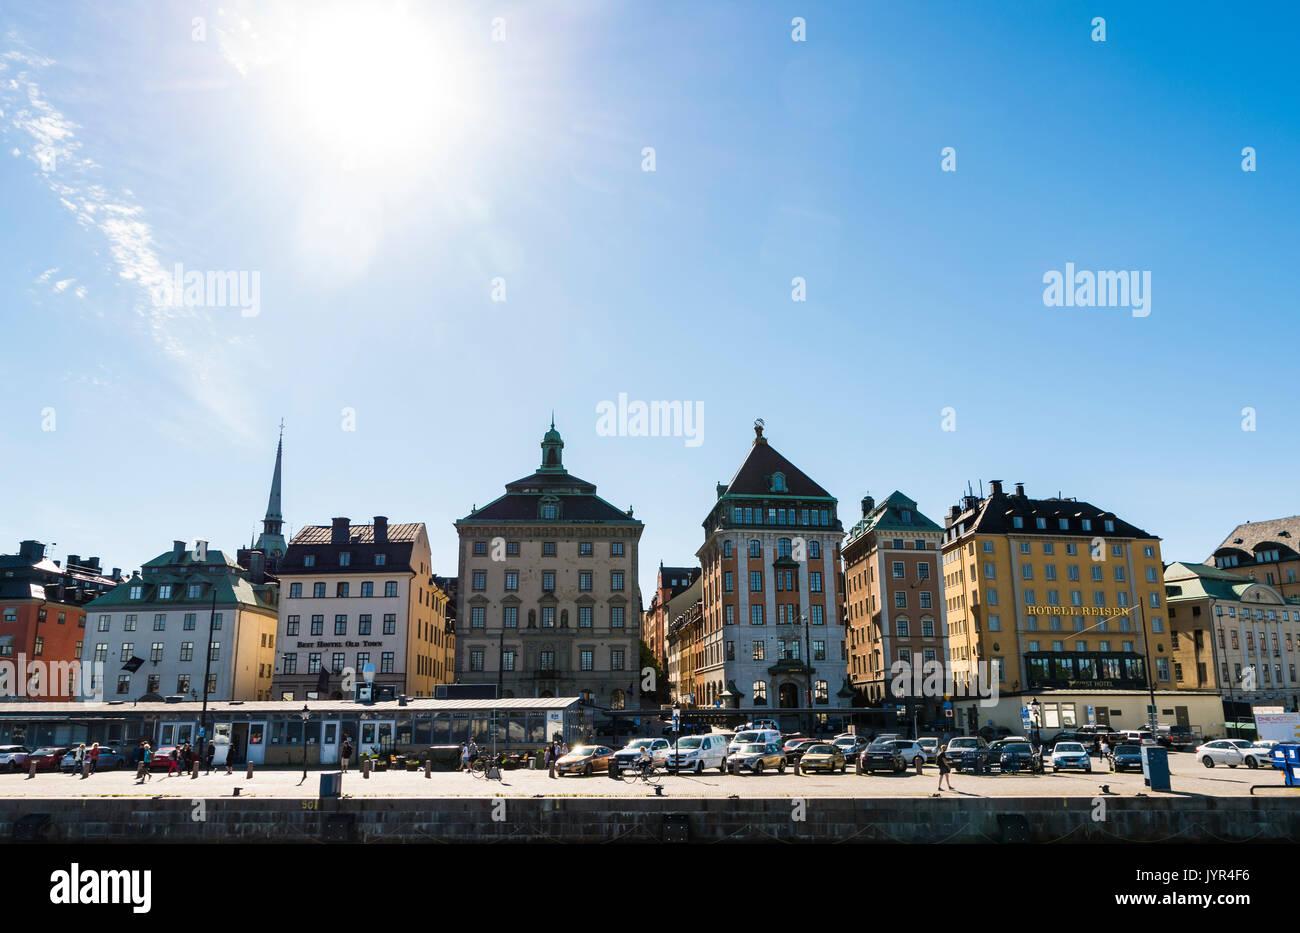 Vista di Skeppsbron, Gamla Stan, Stoccolma, Svezia. Piuttosto quayside edifici in una giornata di sole. Immagini Stock